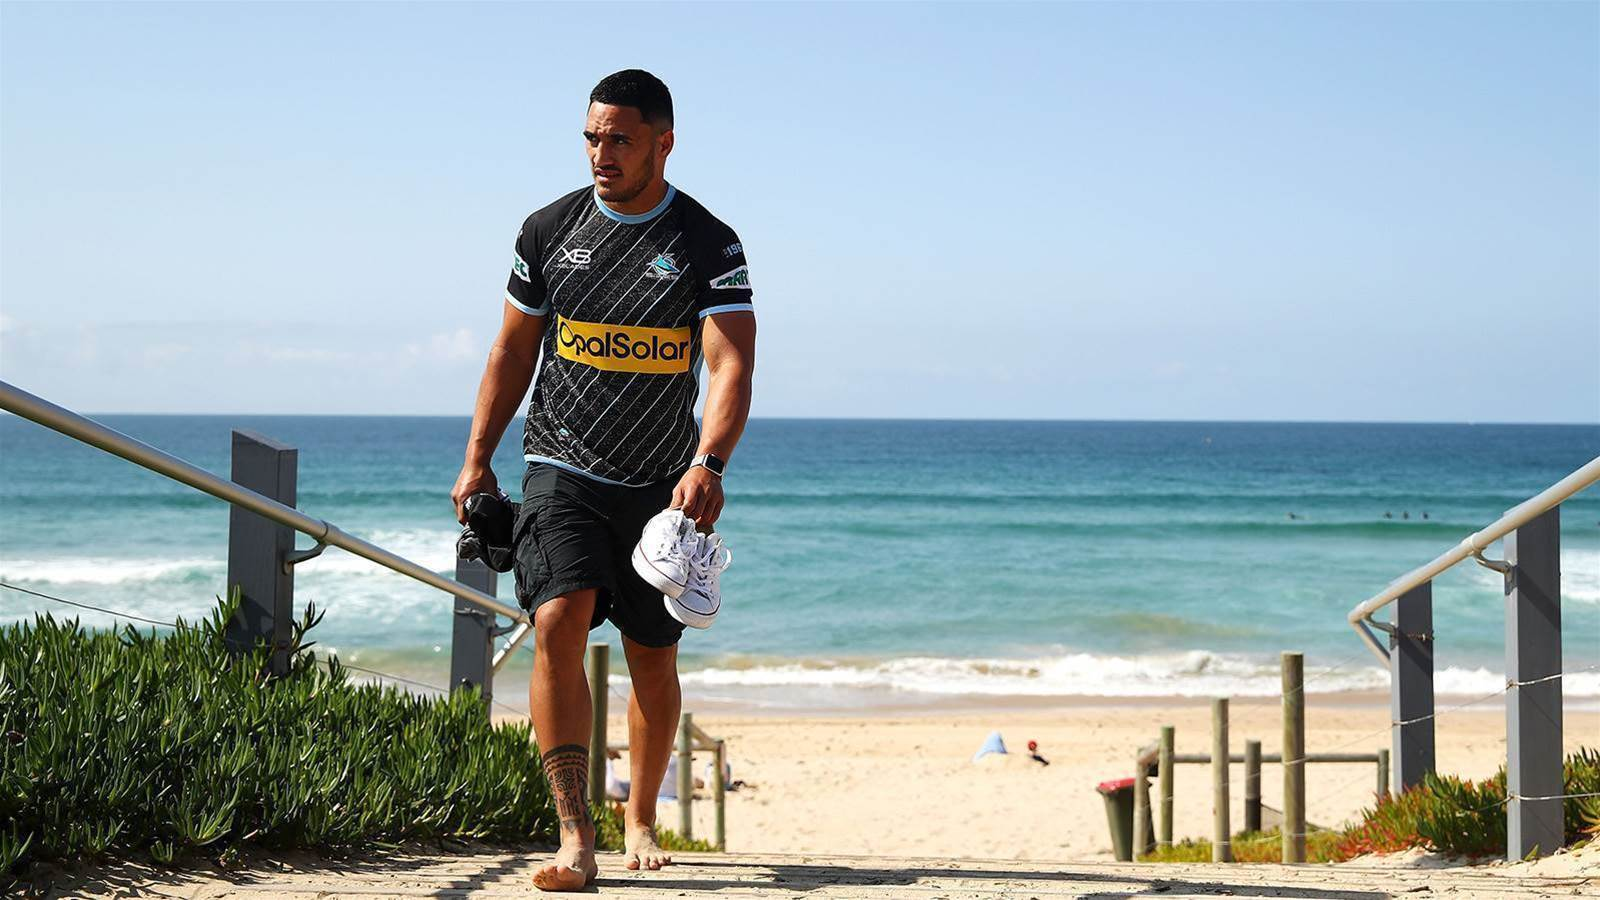 Sharks free Holmes for gridiron tilt